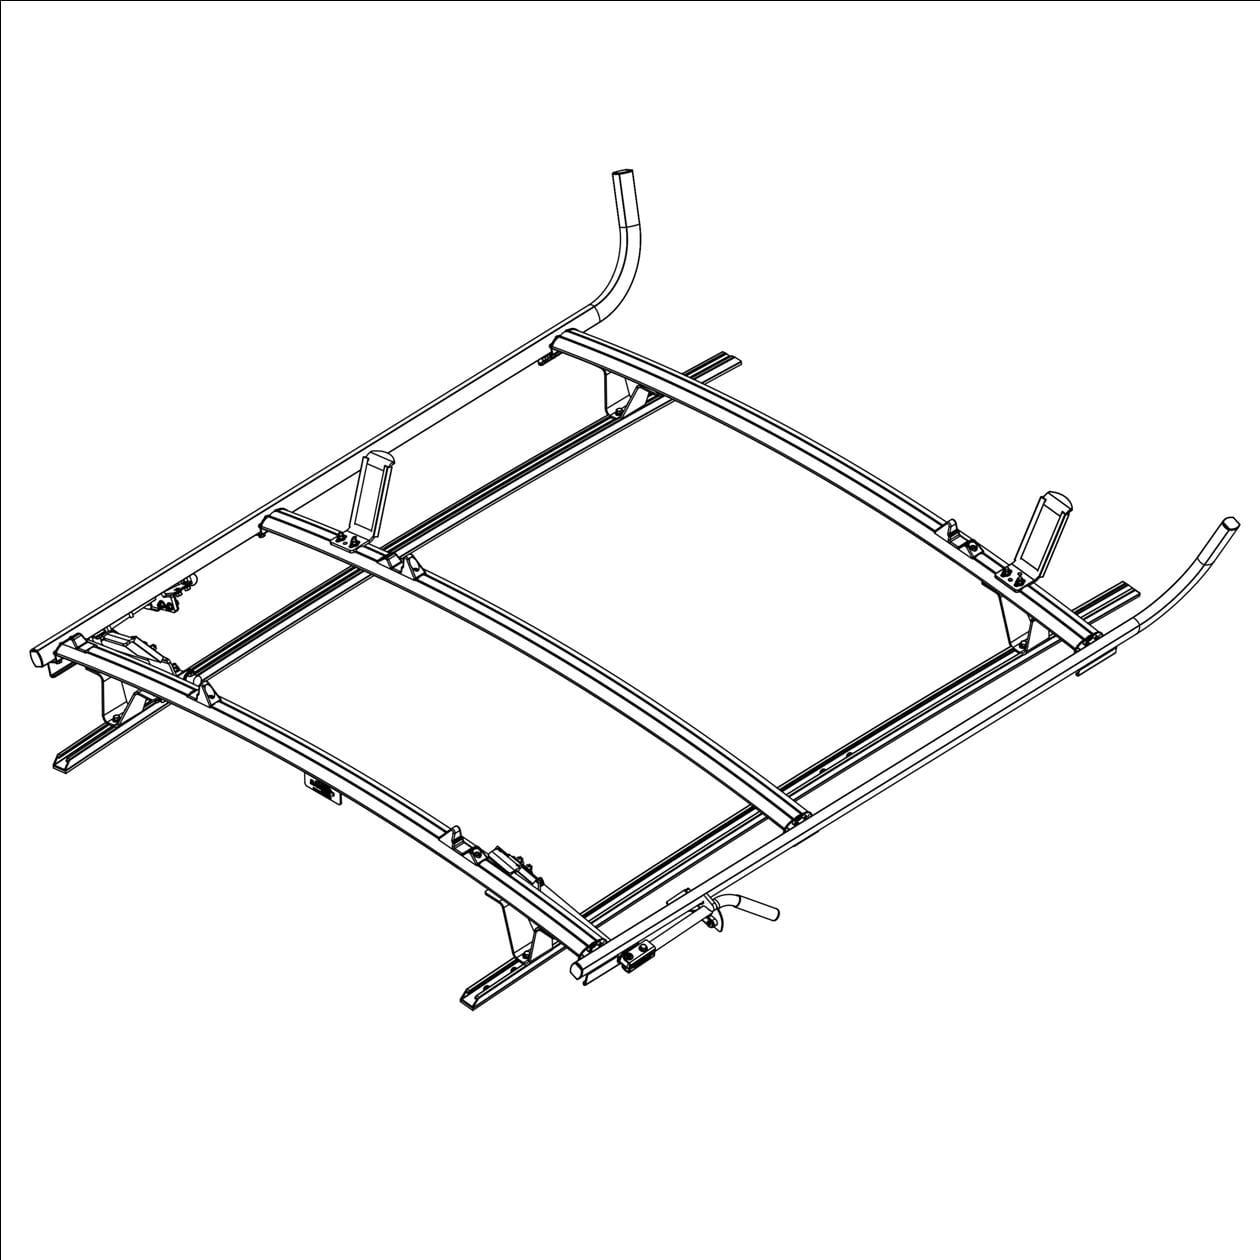 Ranger Design Aluminum Combination Ladder Rack For